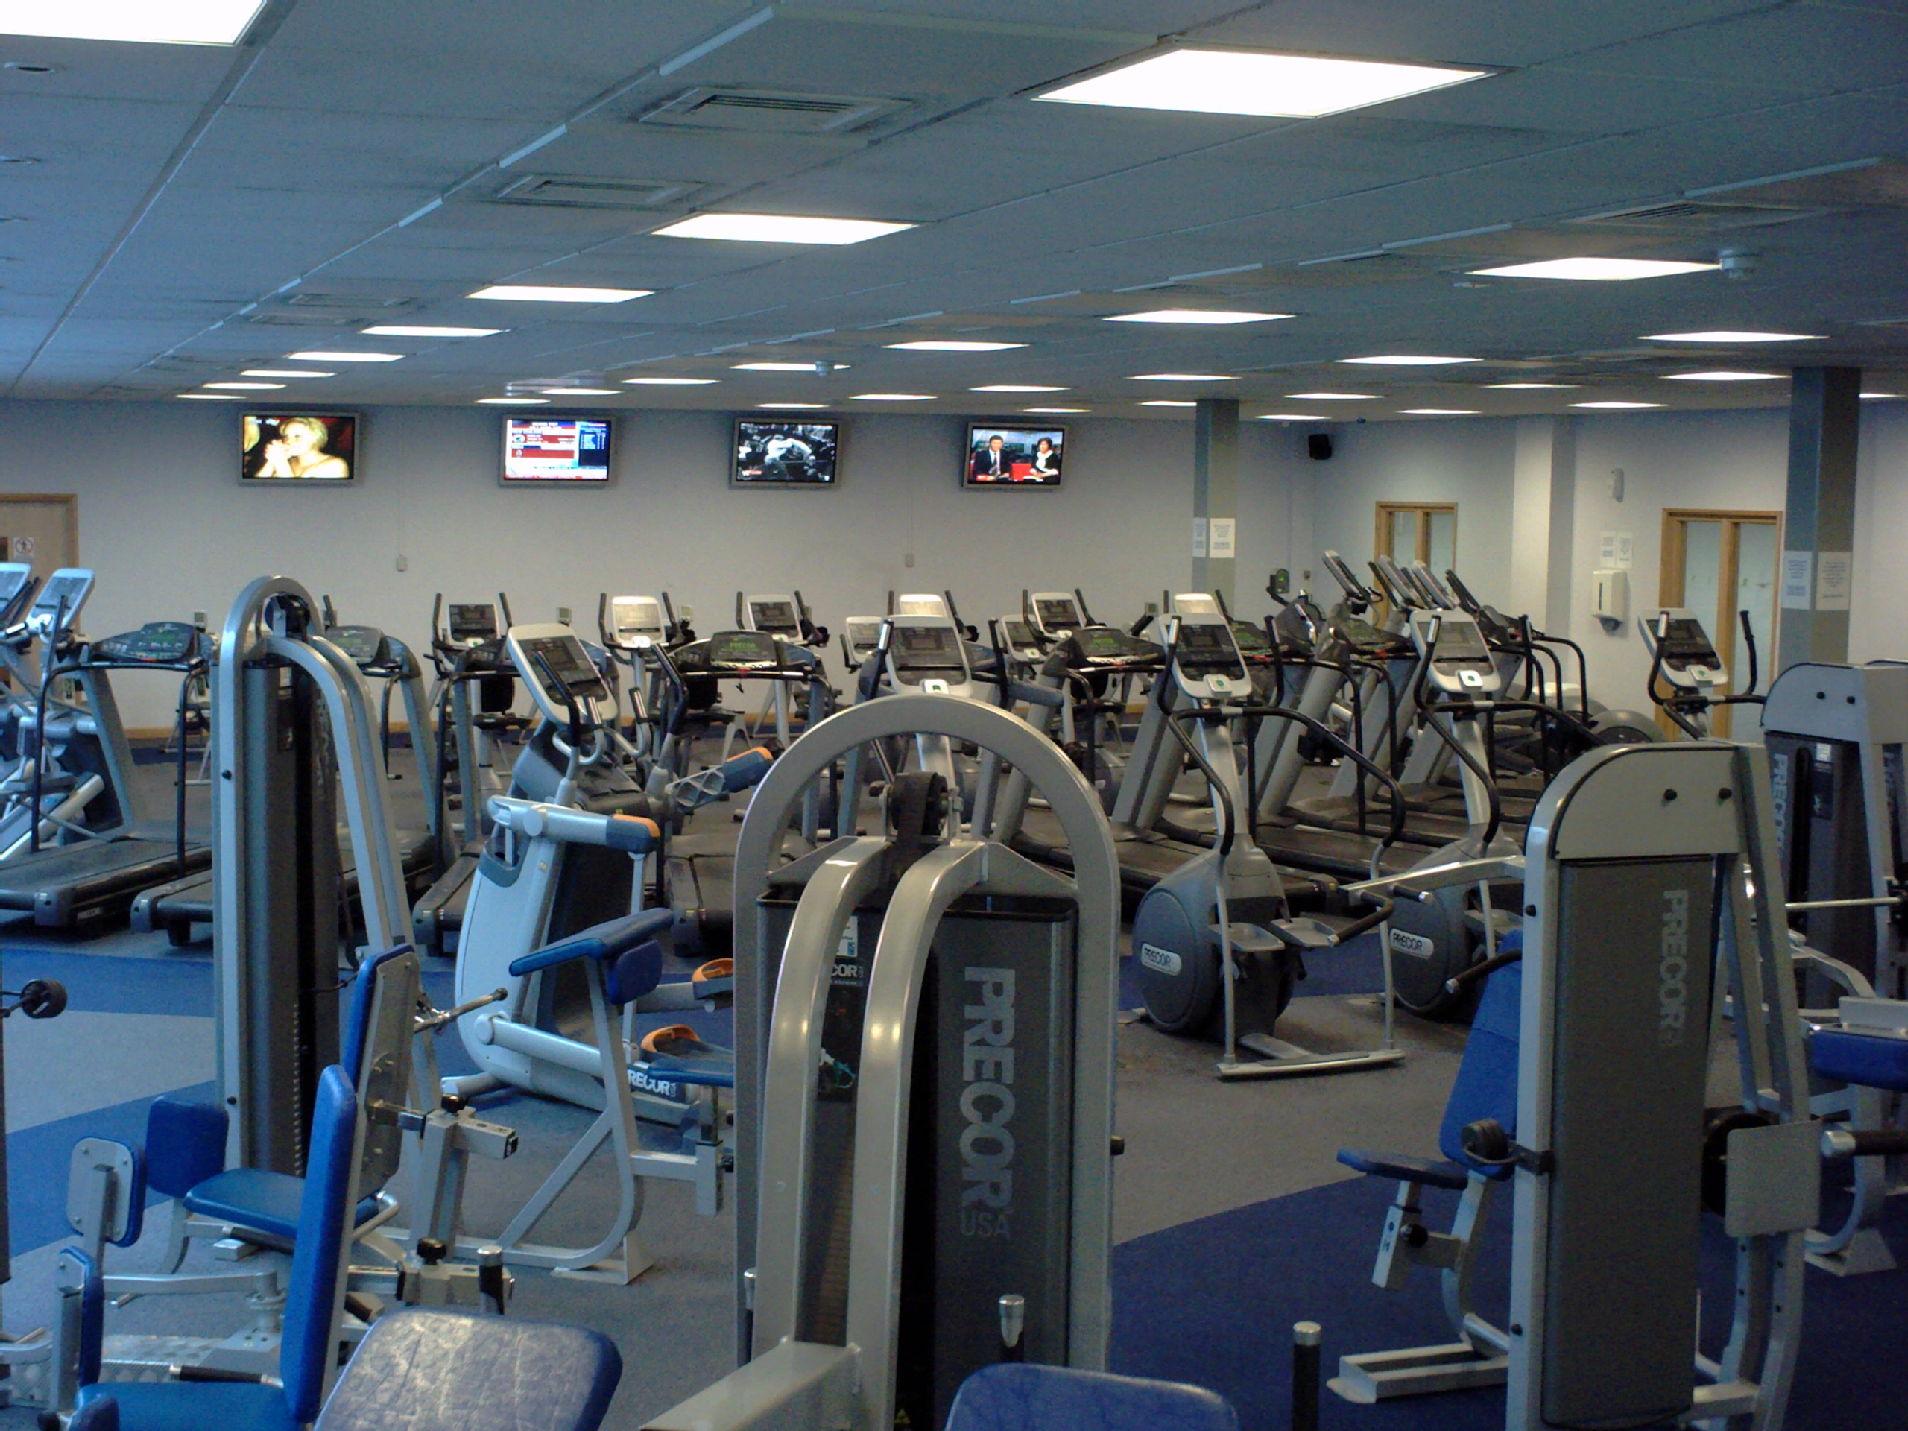 Warwick university gym